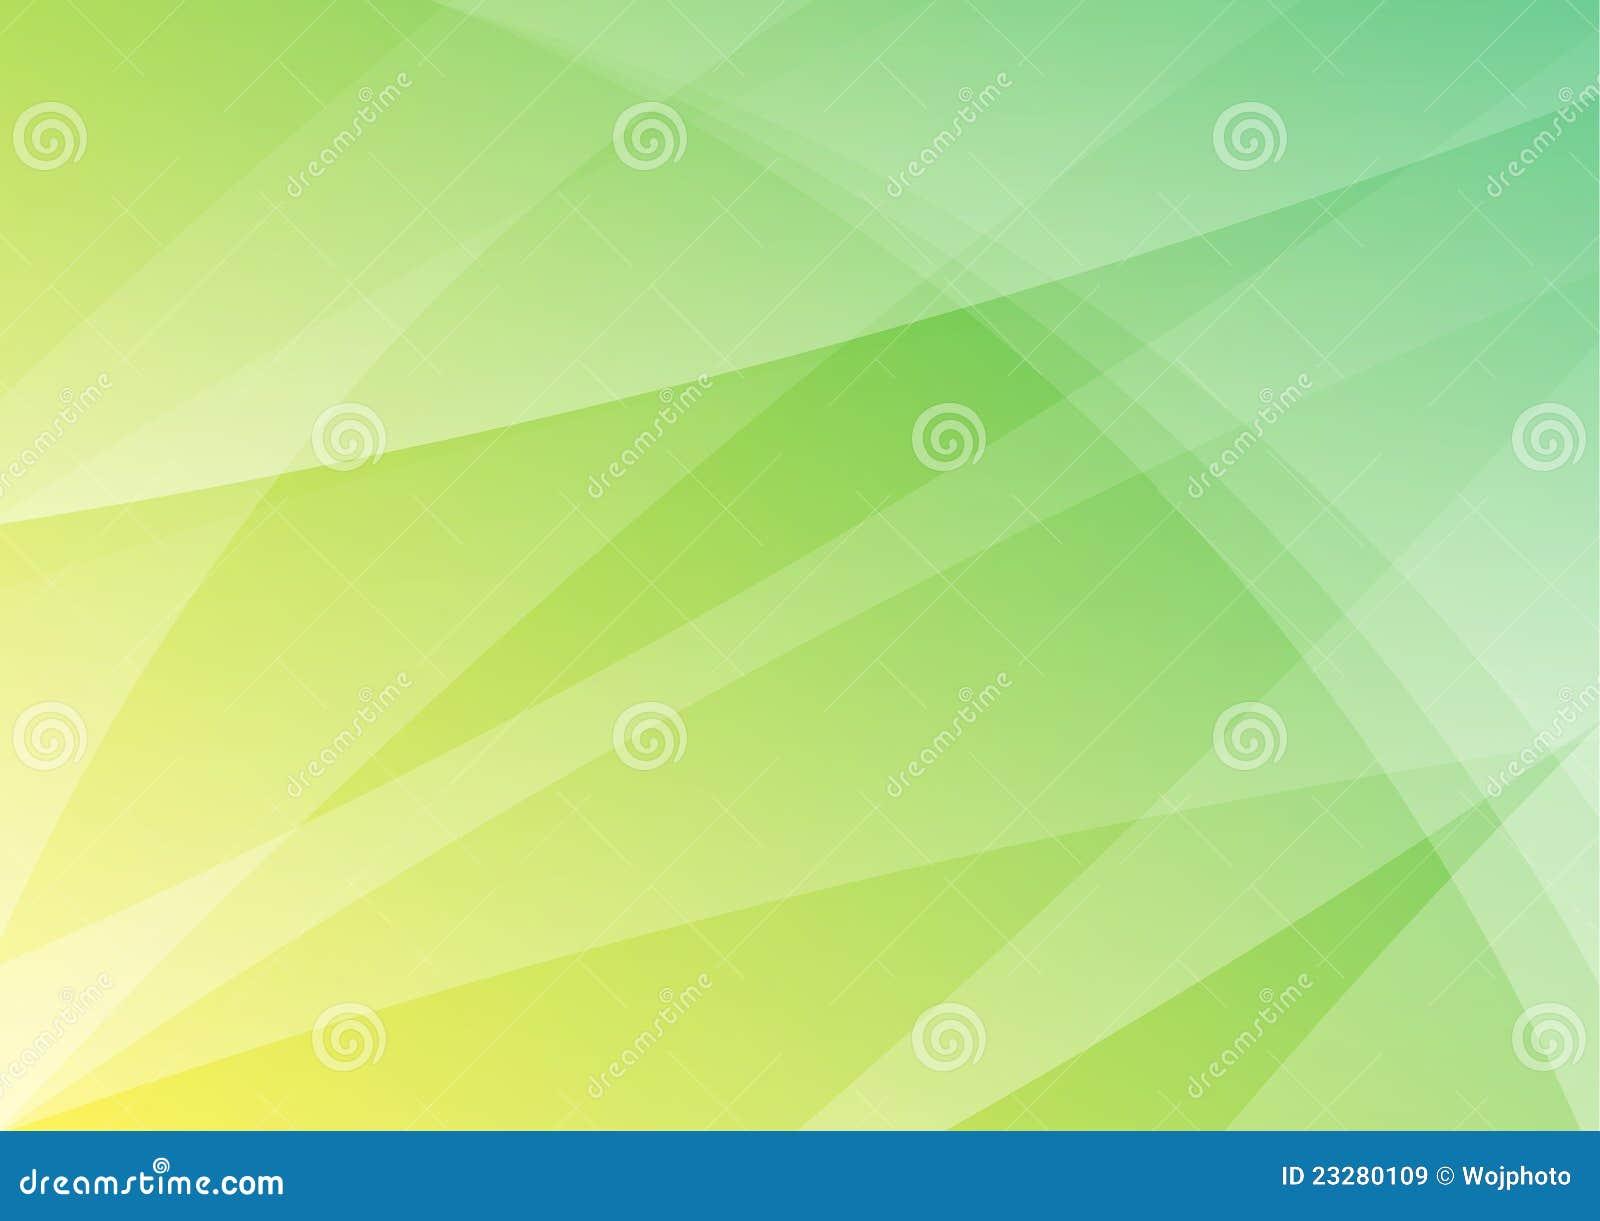 黄色�9��y.��.�_抽象背景绿色墙纸黄色